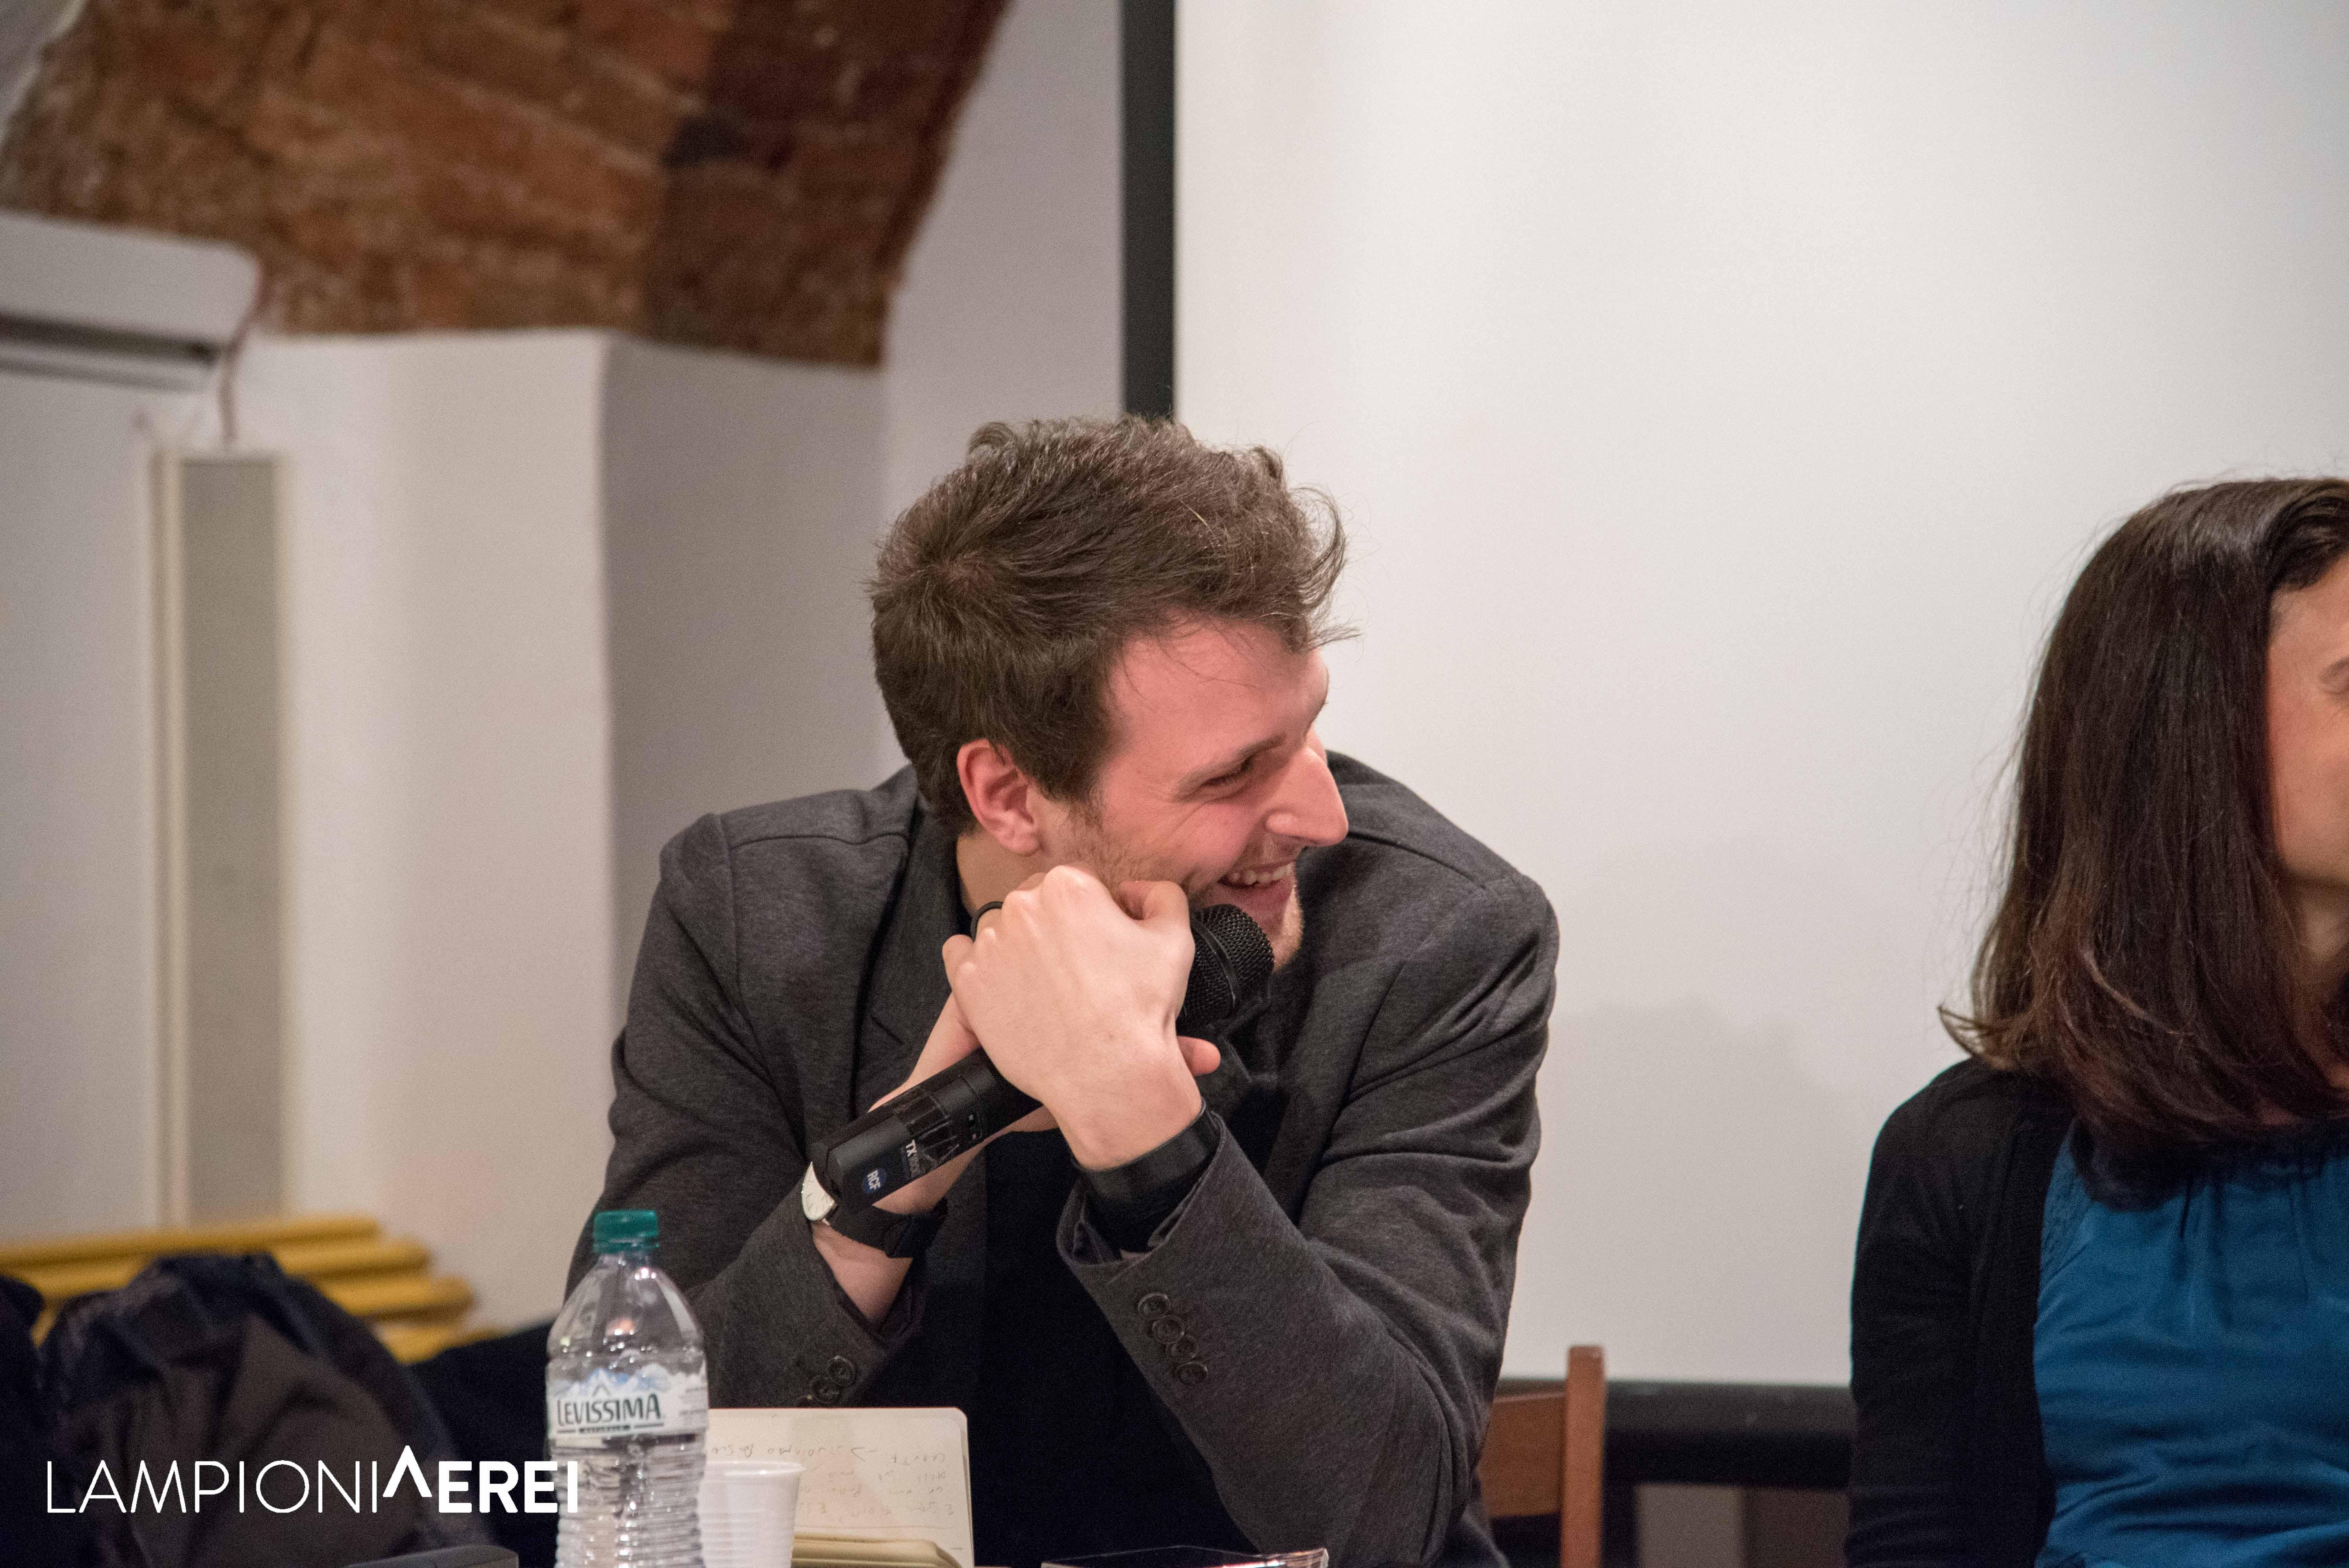 Giuseppe Nibali Franca Mancinelli Tommaso Di Dio Michele Milani Francesco Ottonello Prospettive Nuove della poesia MediumPoesia Rassegna Poesia e Contemporaneo Lampioni Aerei ChiAmaMilano